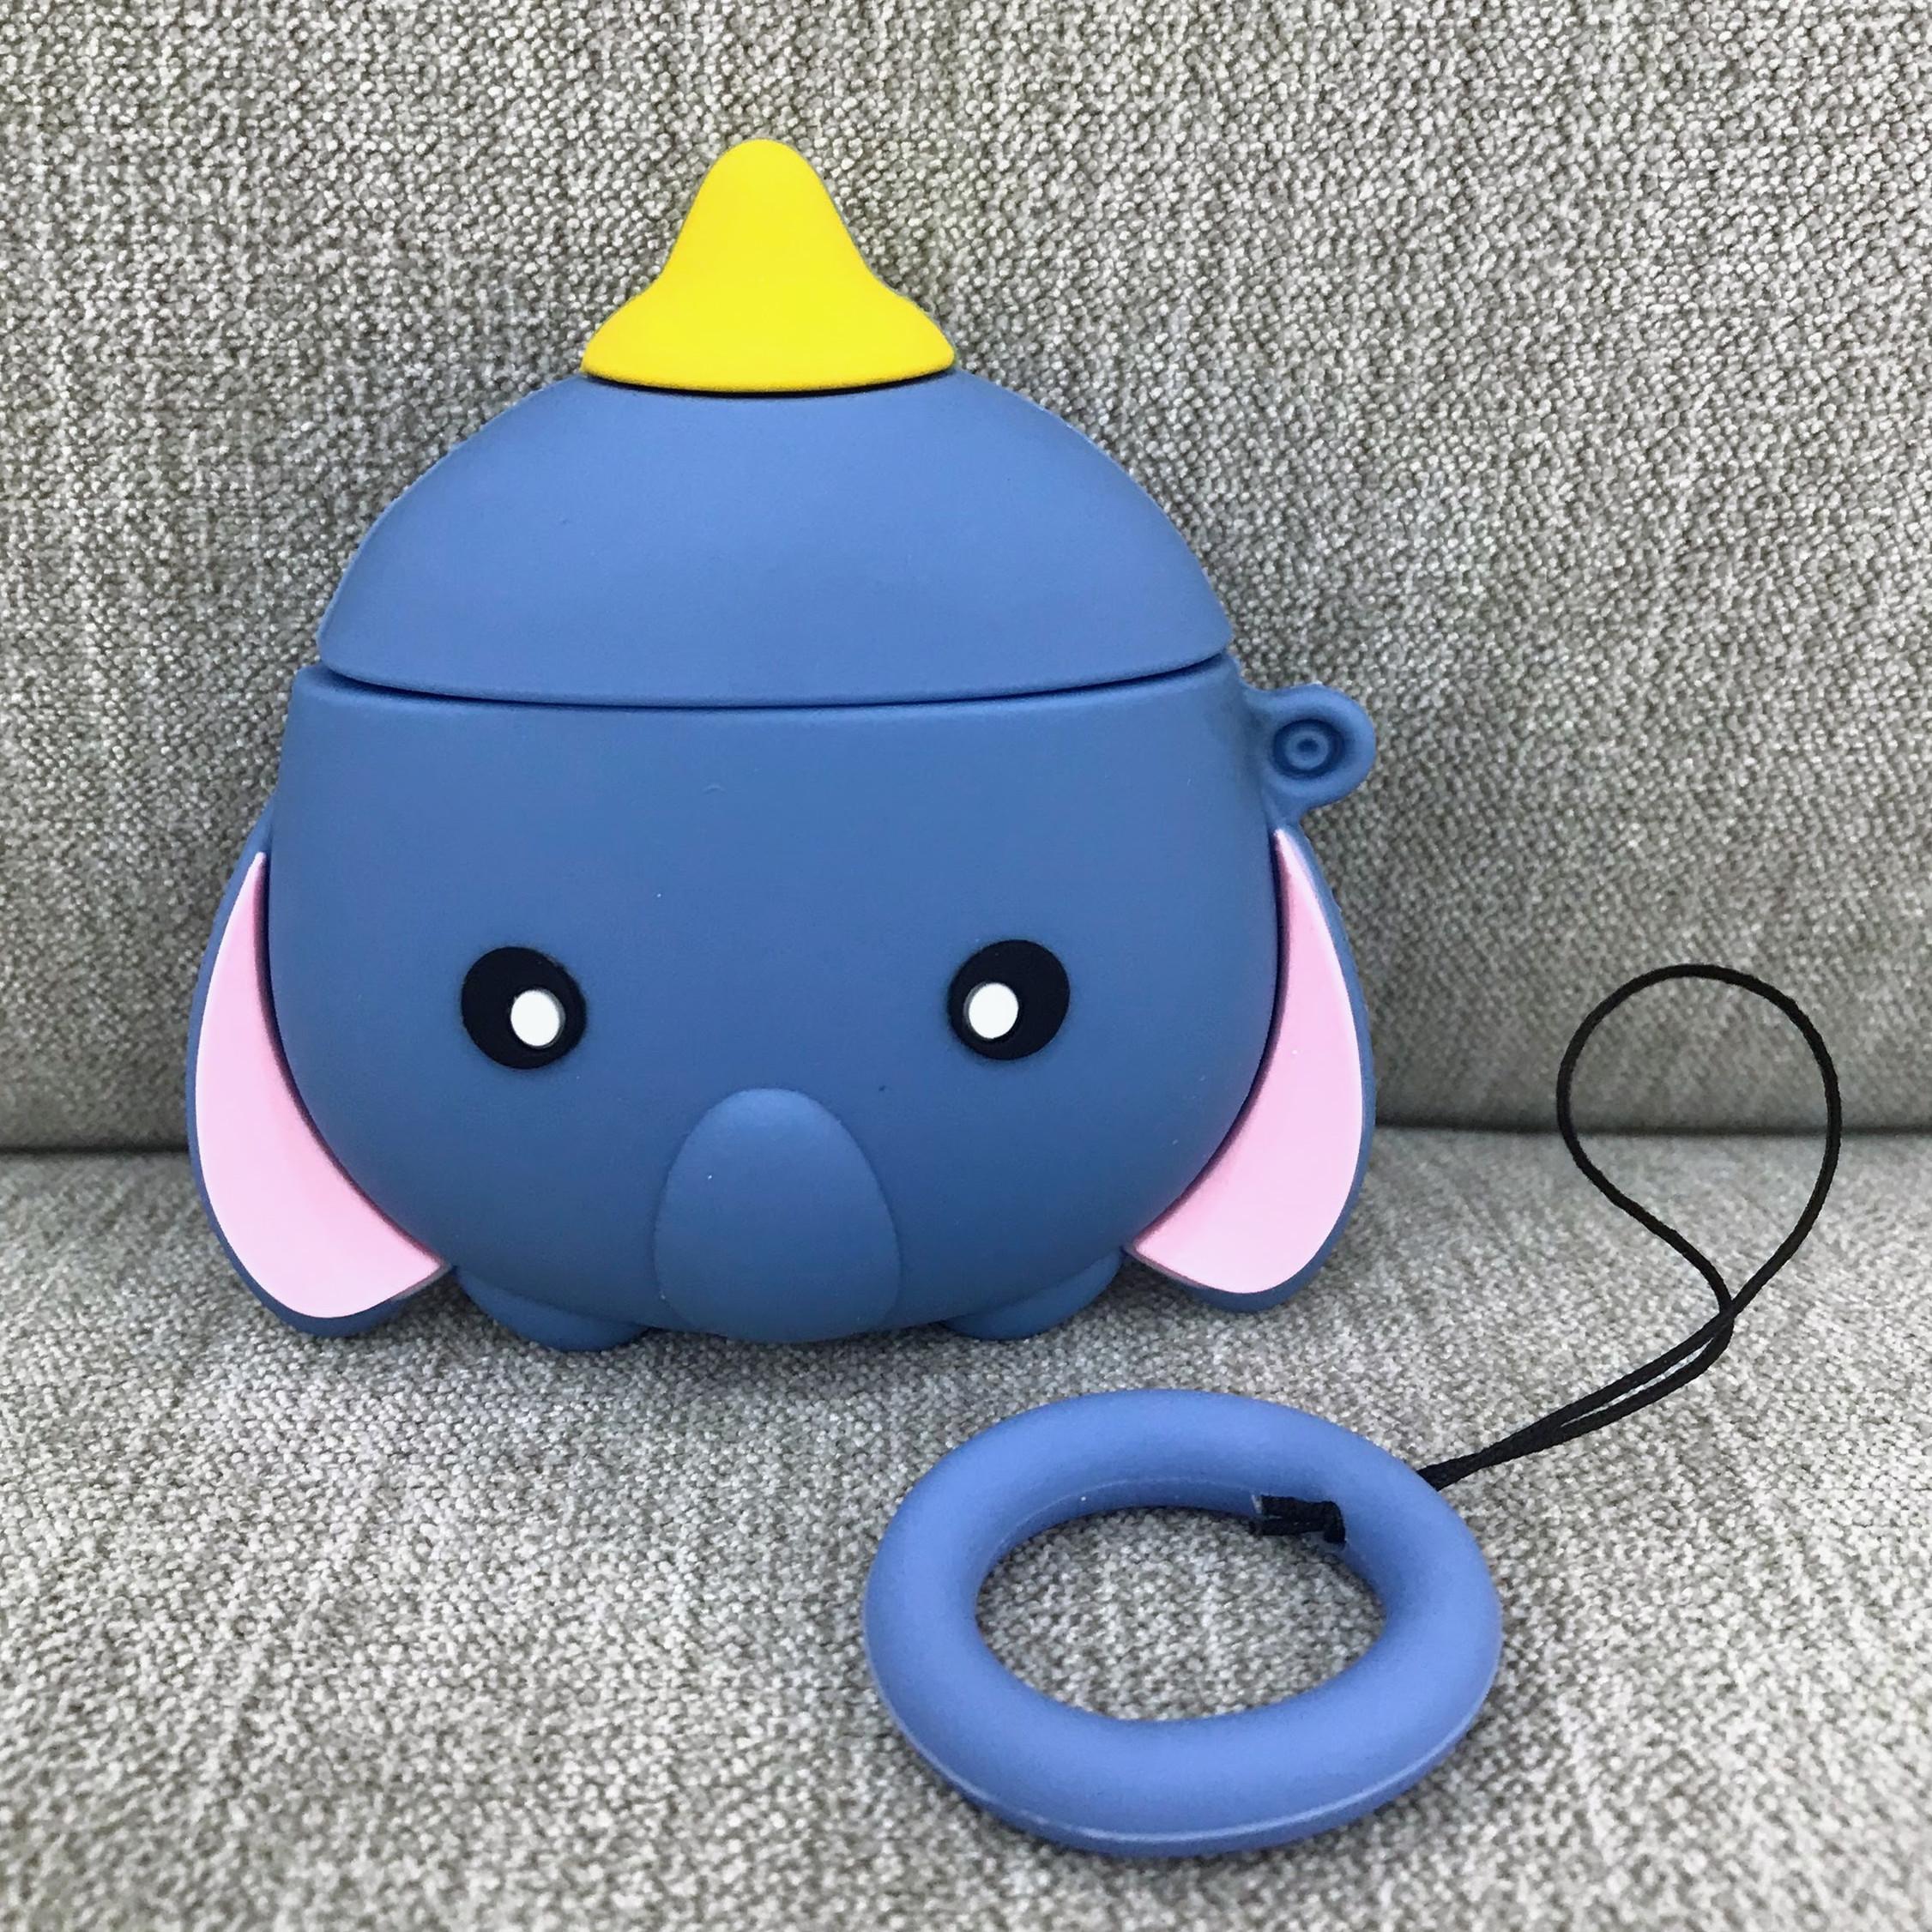 Case Dành Cho Airpods 1 / 2 - Ốp Bảo Vệ Chất Lượng Cao Cấp Dành Cho Airpods 1 / Airpods 2 - Voi Dumbo